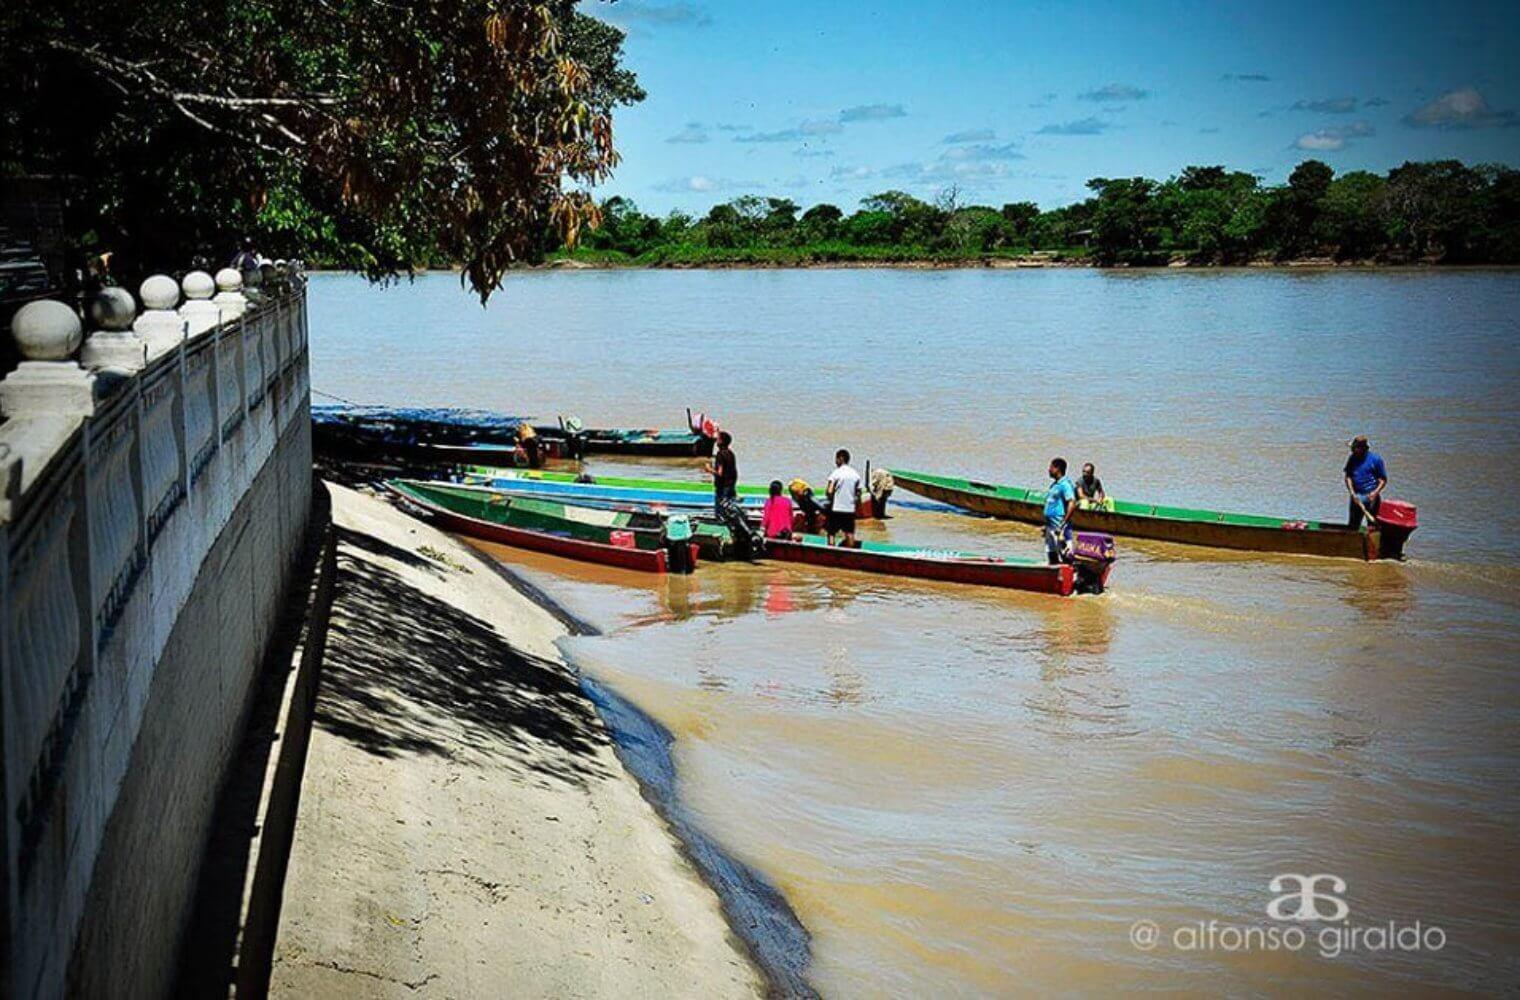 Abuso de autoridad denuncian la Asociación de pescadores del rio Arauca frente a las patrullas que se están realizando por orden presidencial como medida de prevención del covid-2019.